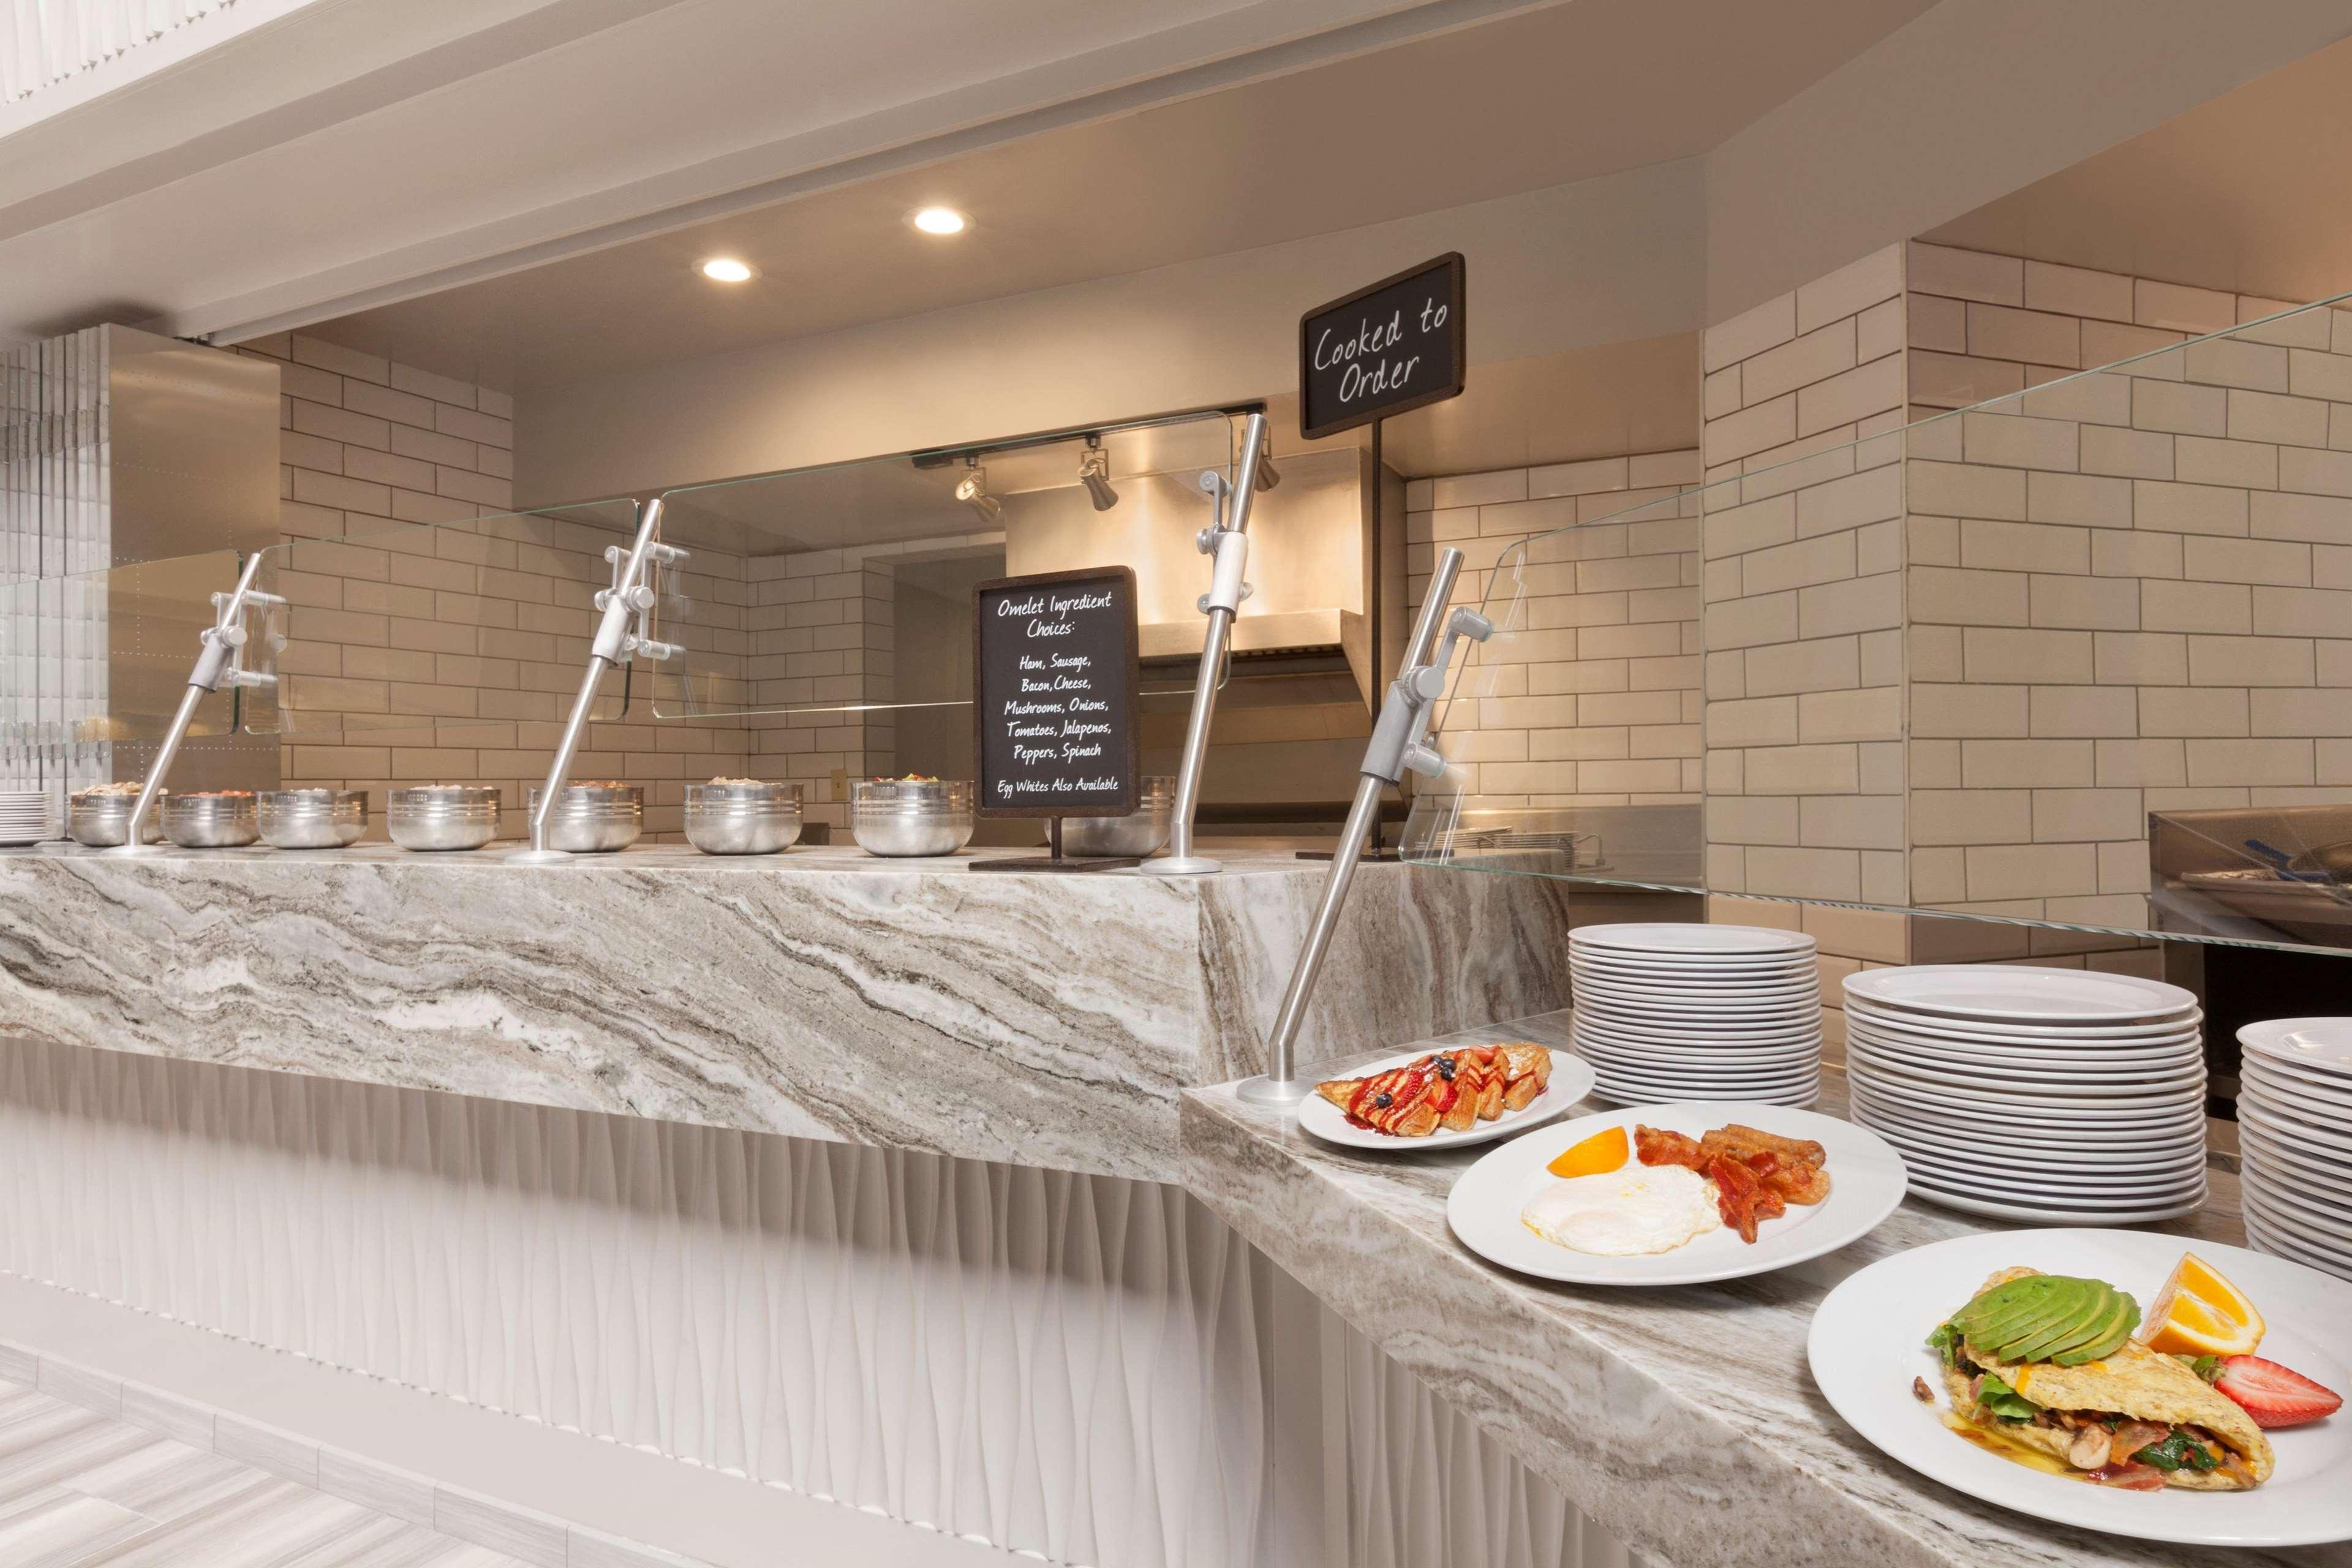 Embassy Suites Irvine Breakfast Buffet